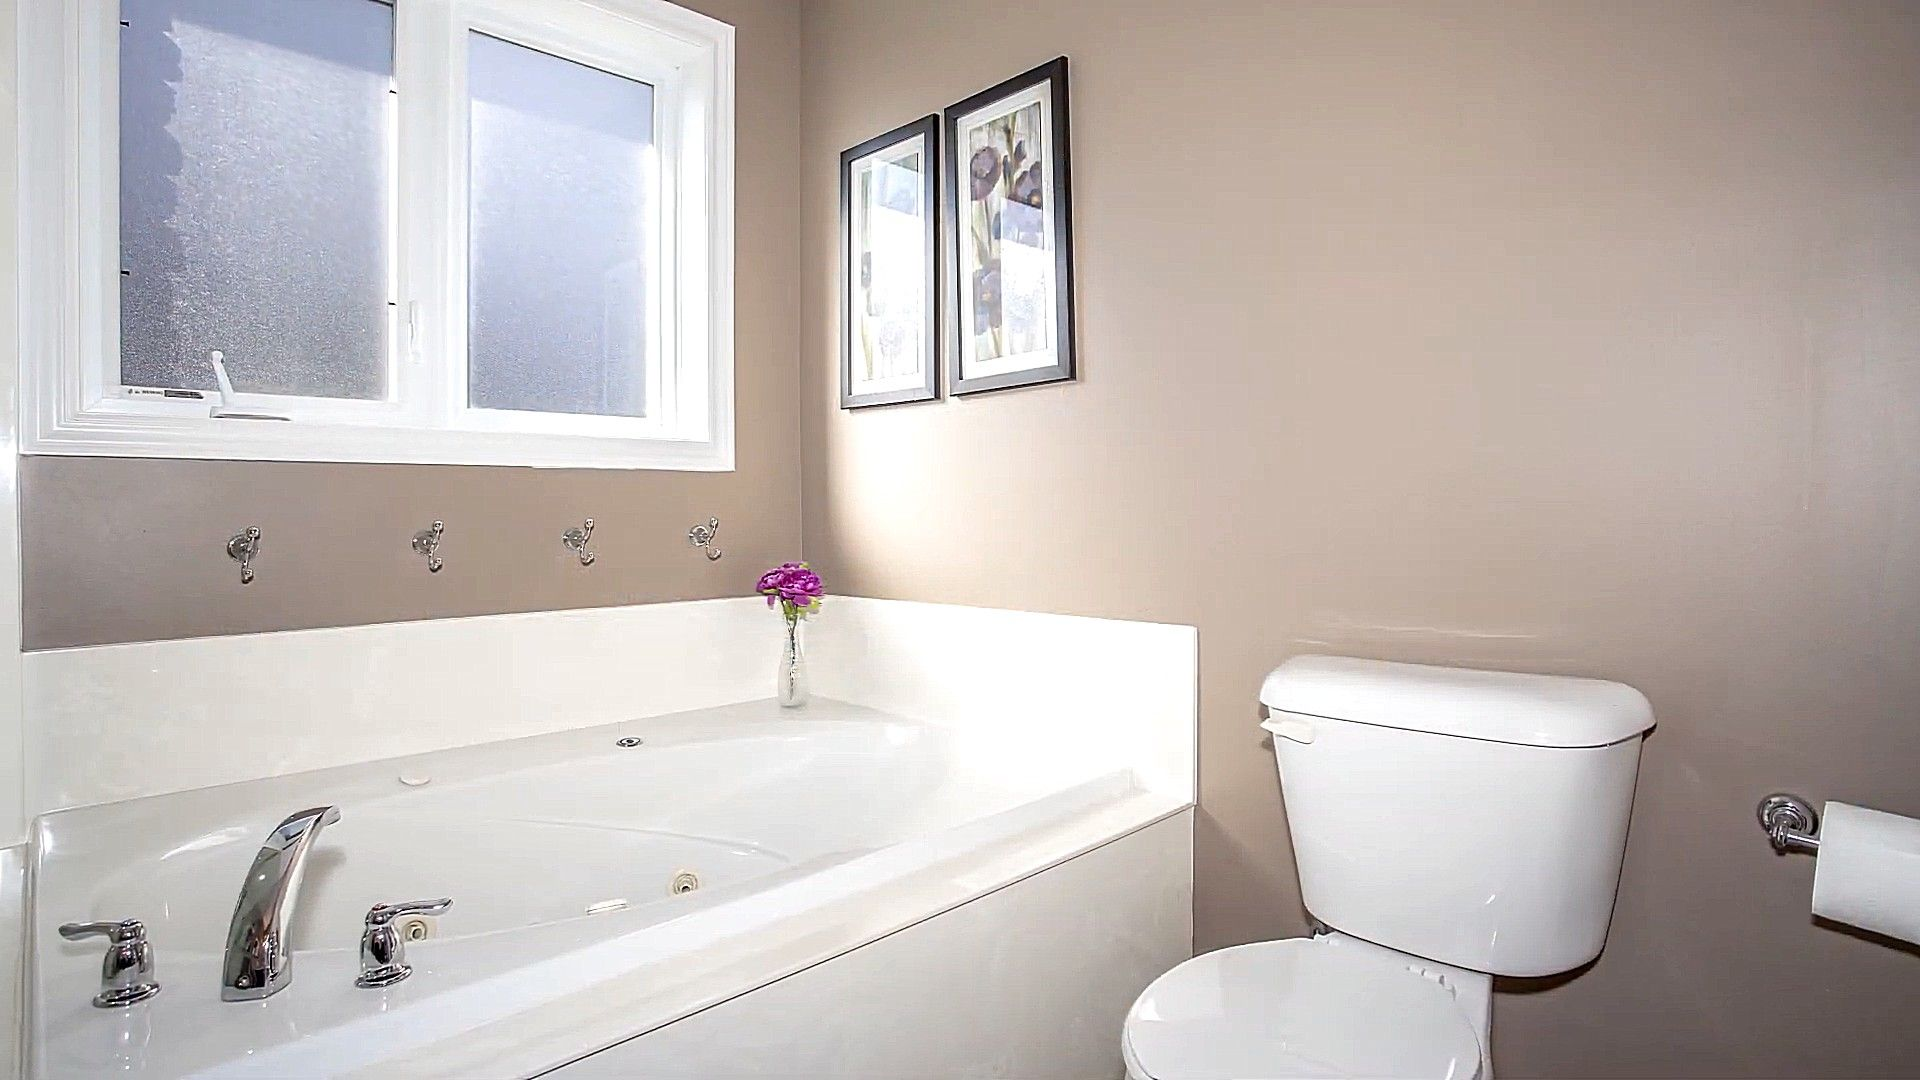 Badewanne Toilette Und Fixture Fenster Weisse Farbe Badezimmer